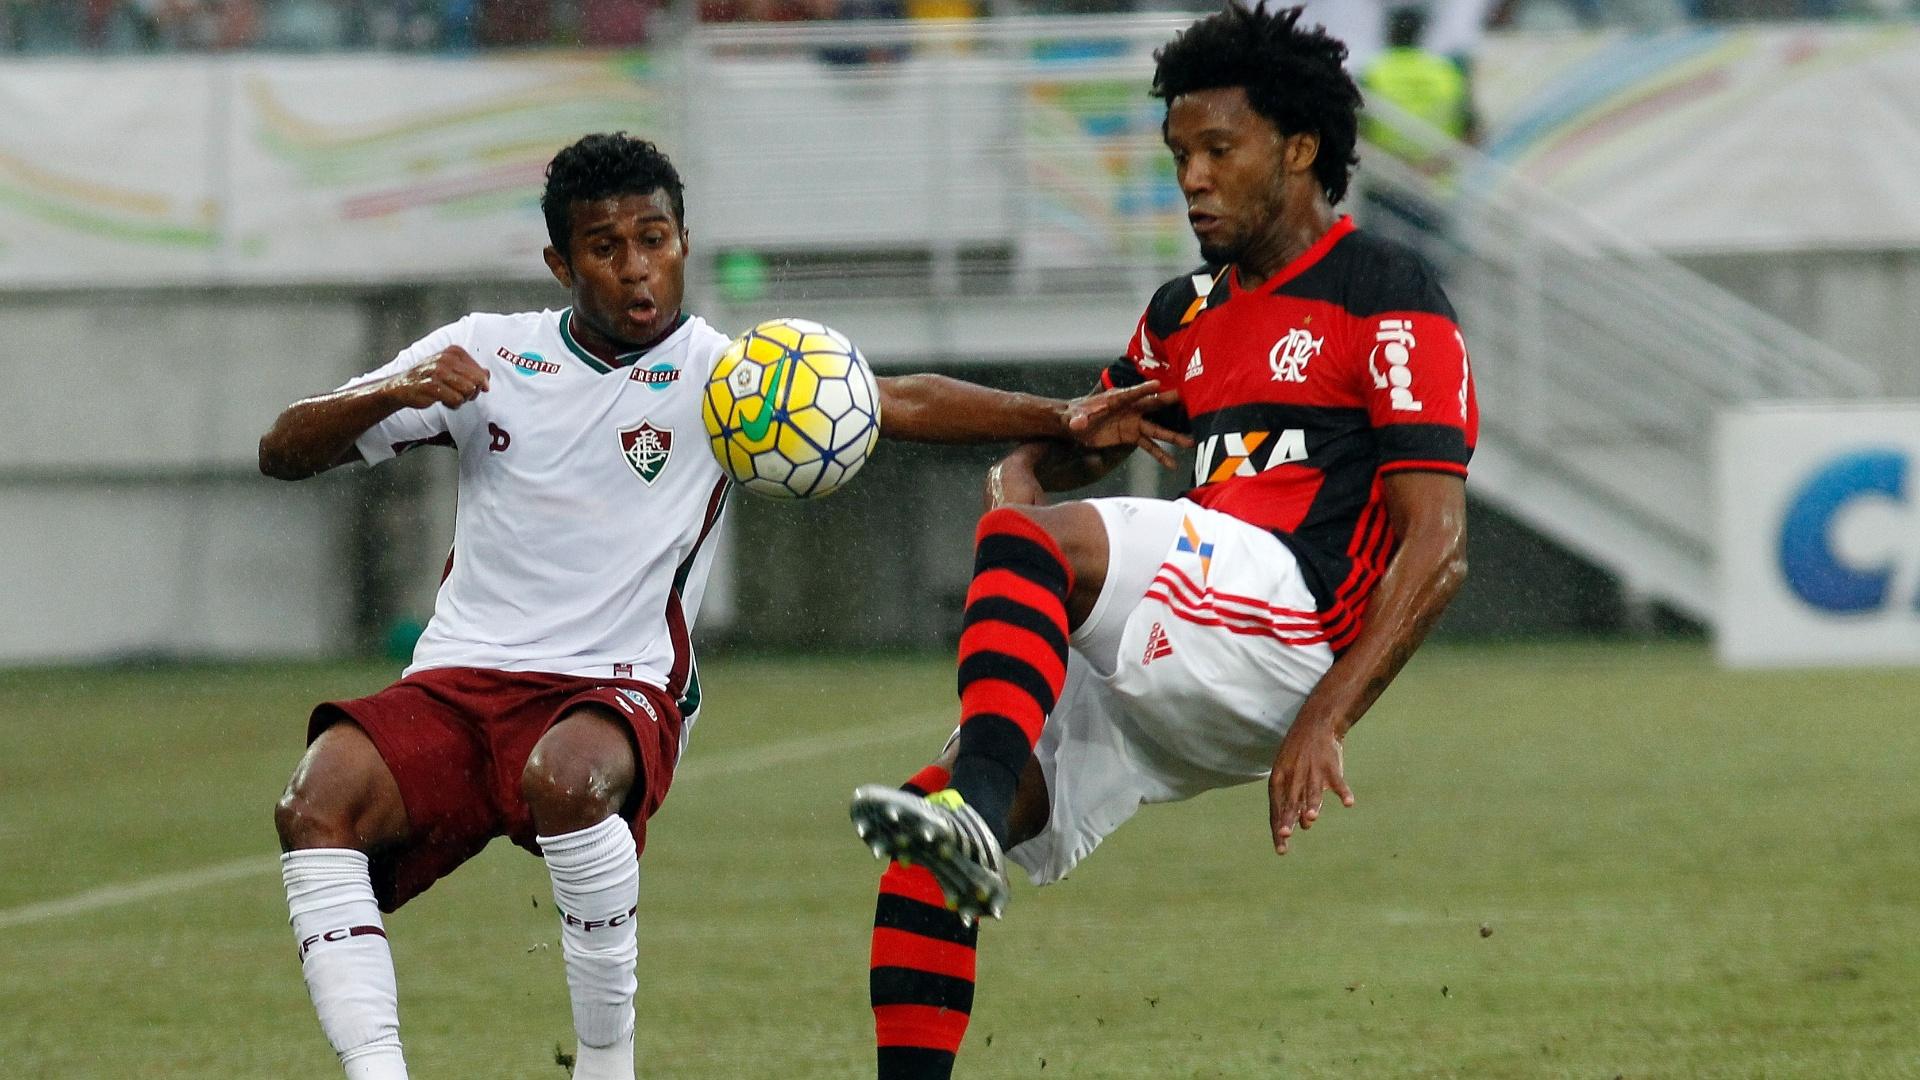 Maranhão e Rafael Vaz disputam bola no jogo entre Flamengo e Fluminense, em Natal